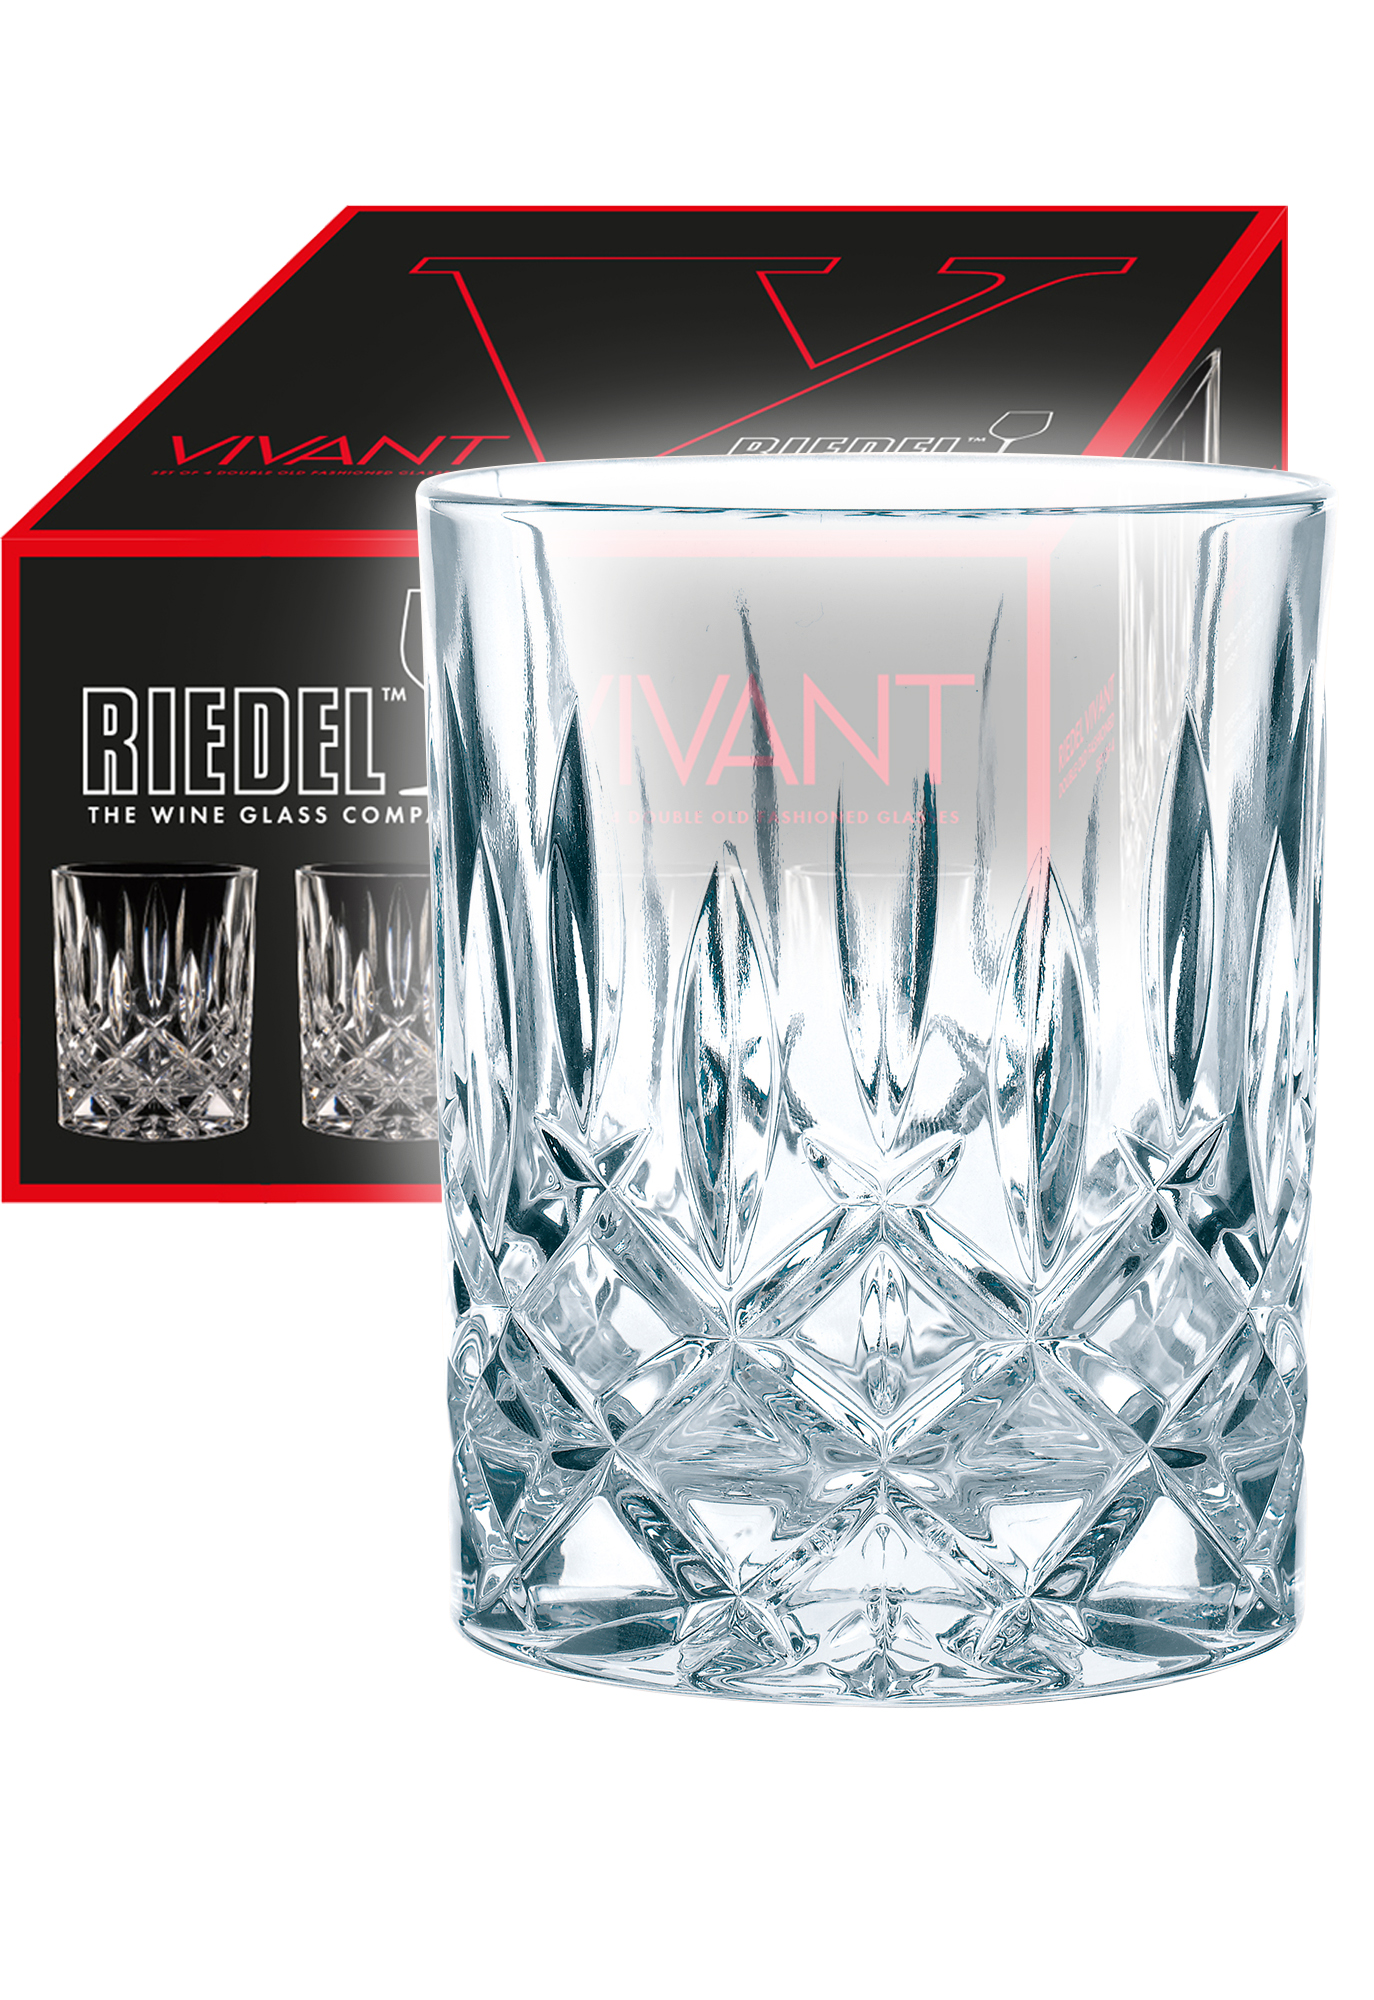 Riedel Vivant Whiskyglas en waterglas (set van 4 voor € 34,80)